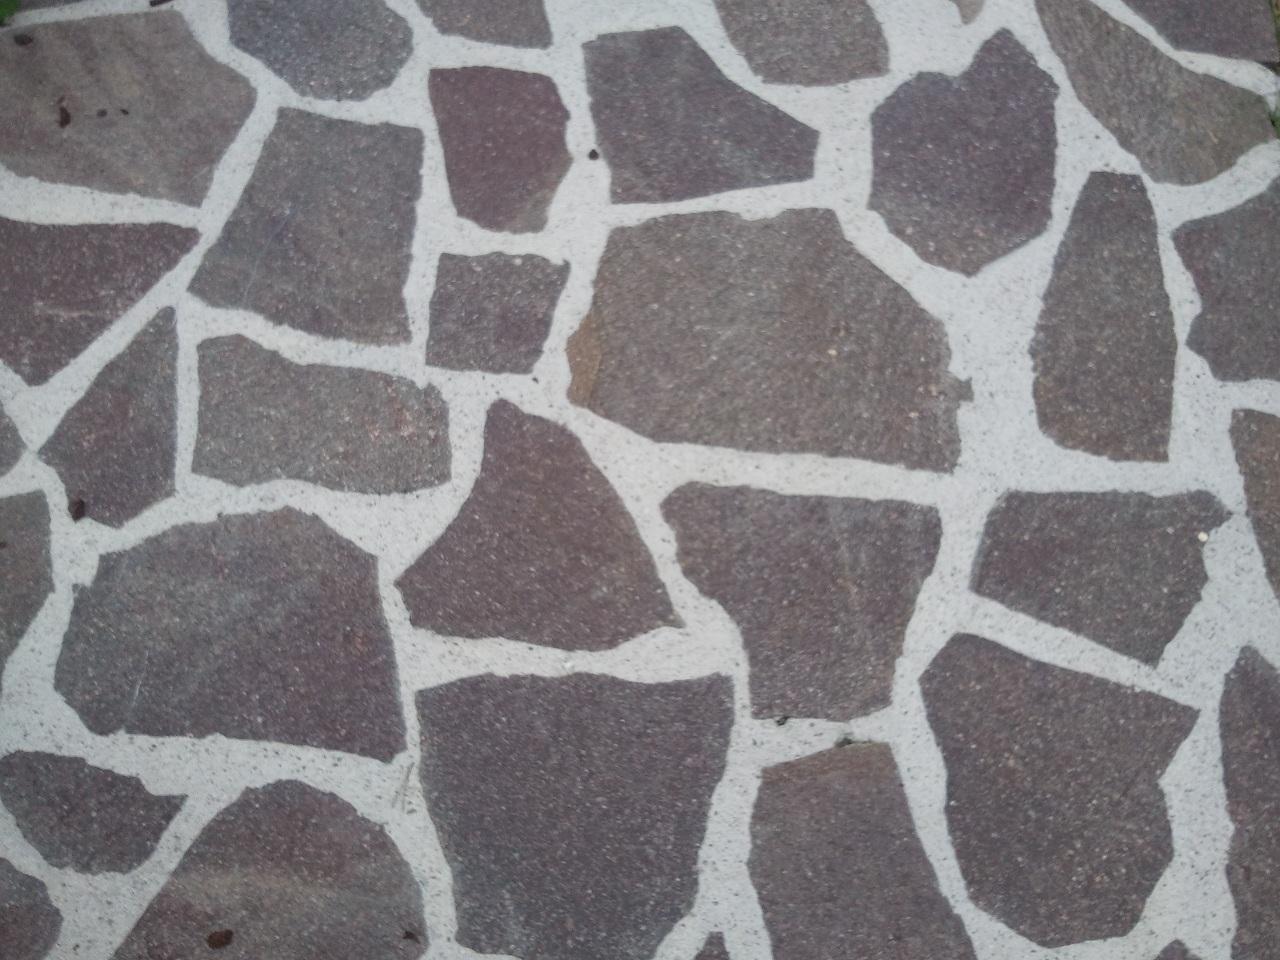 Foto pietre e porfidi per esterno per viali - Pietre da esterno pavimenti ...